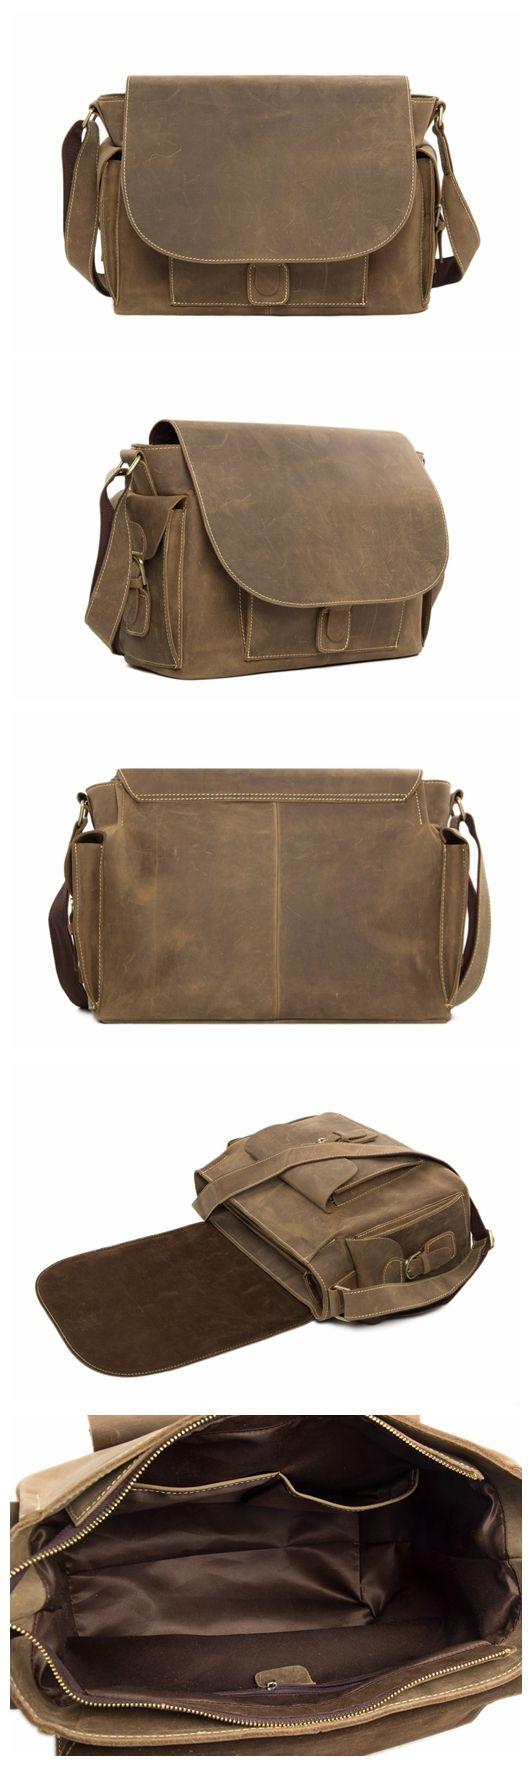 Genuine Leather Messenger Bag Crossbody Bag 13'' Laptop Shoulder Bag